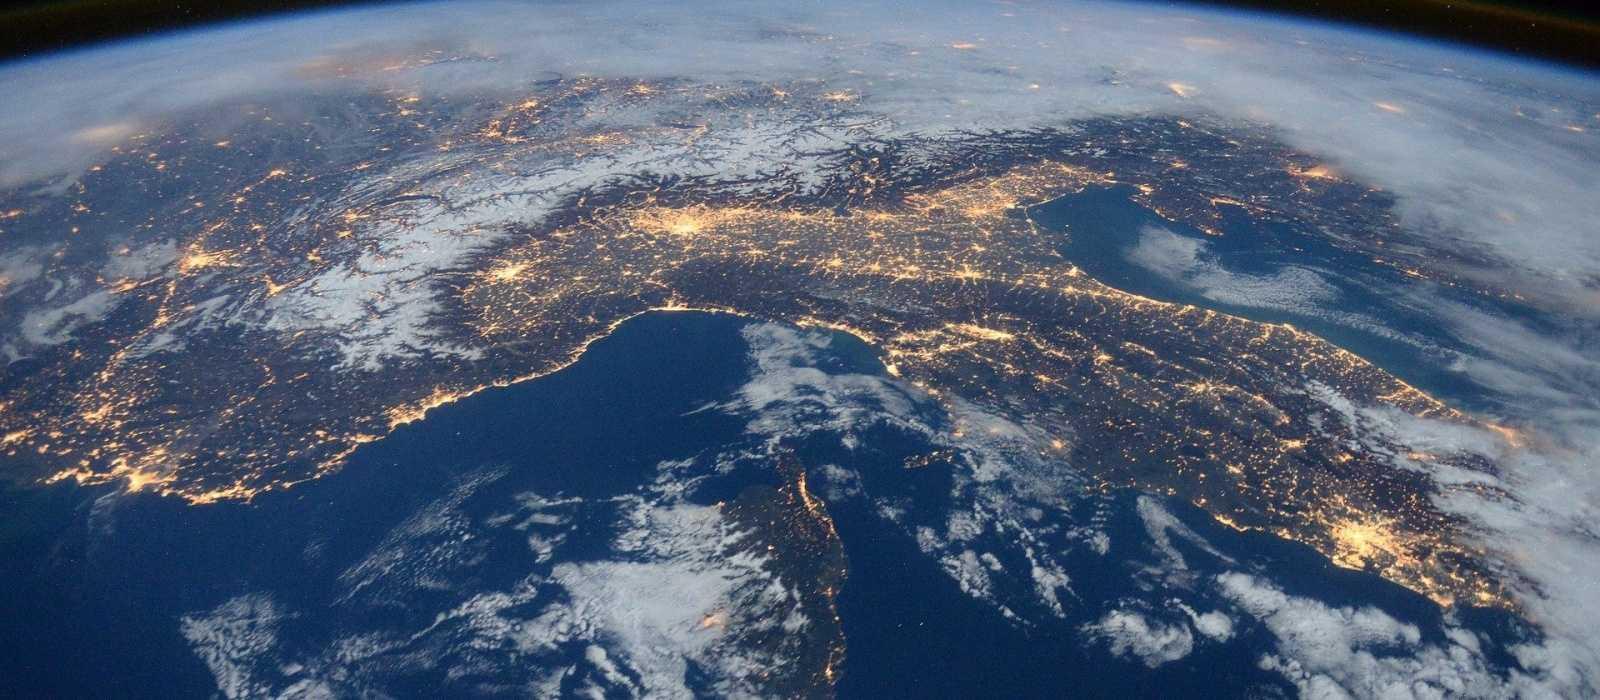 Vergessen Sie nicht den Folienhut: Flat Earth Simulator auf Steam veröffentlicht